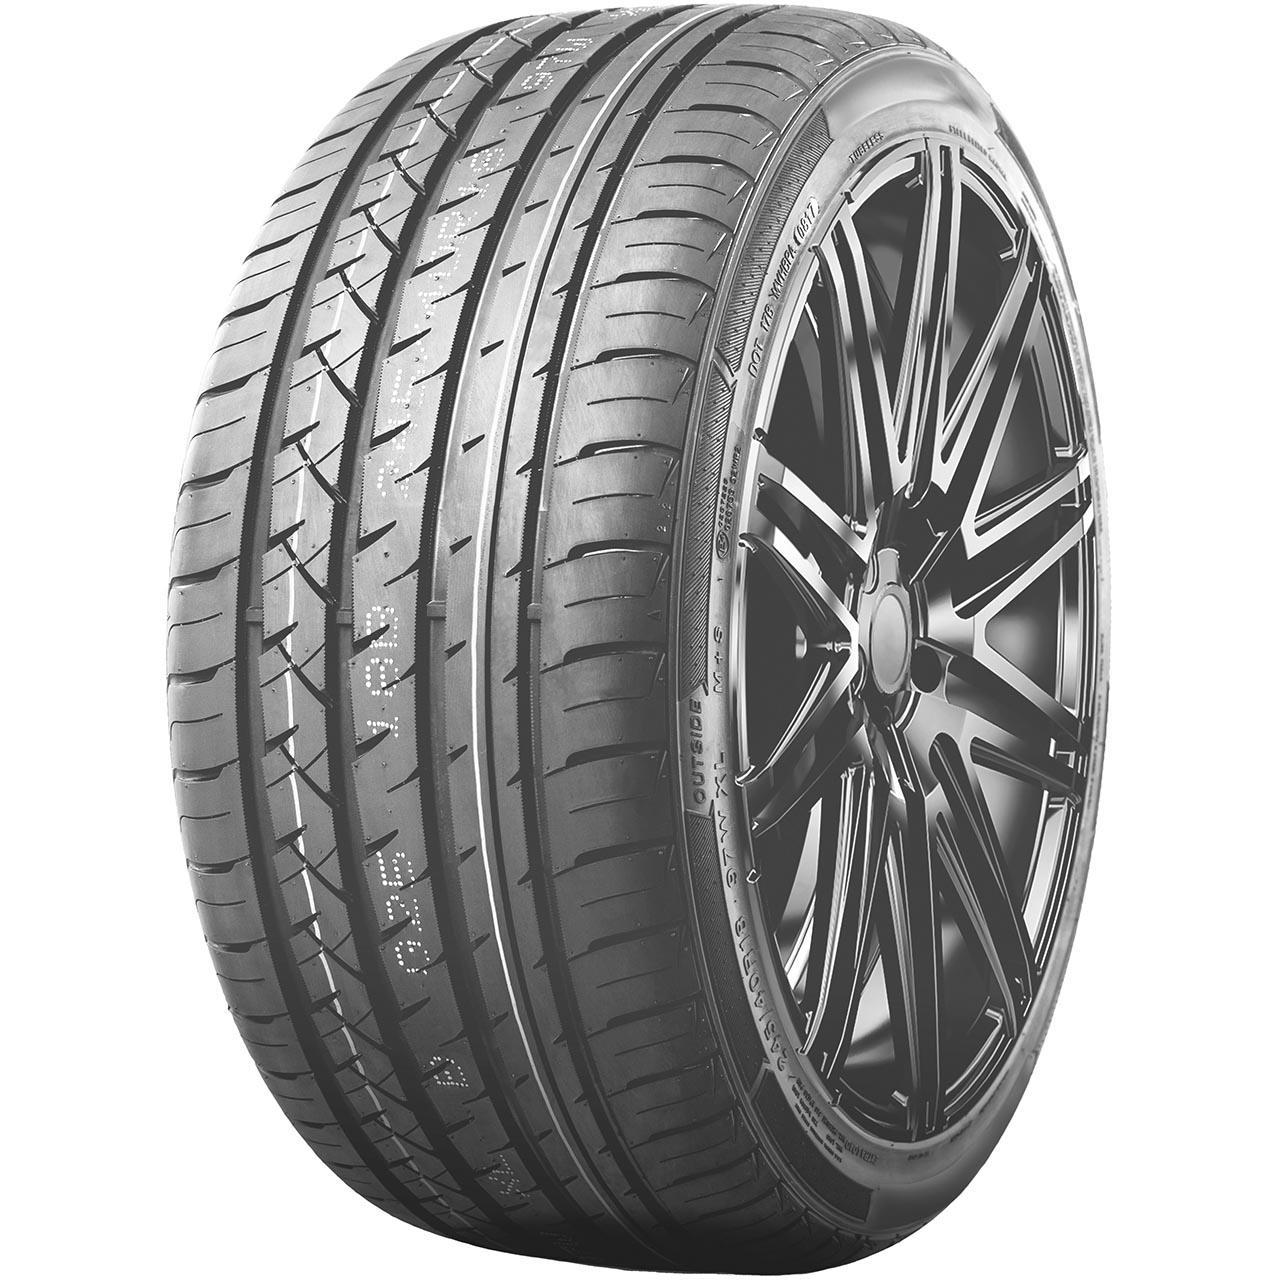 T Tyre Four 225/40R18 92W XL